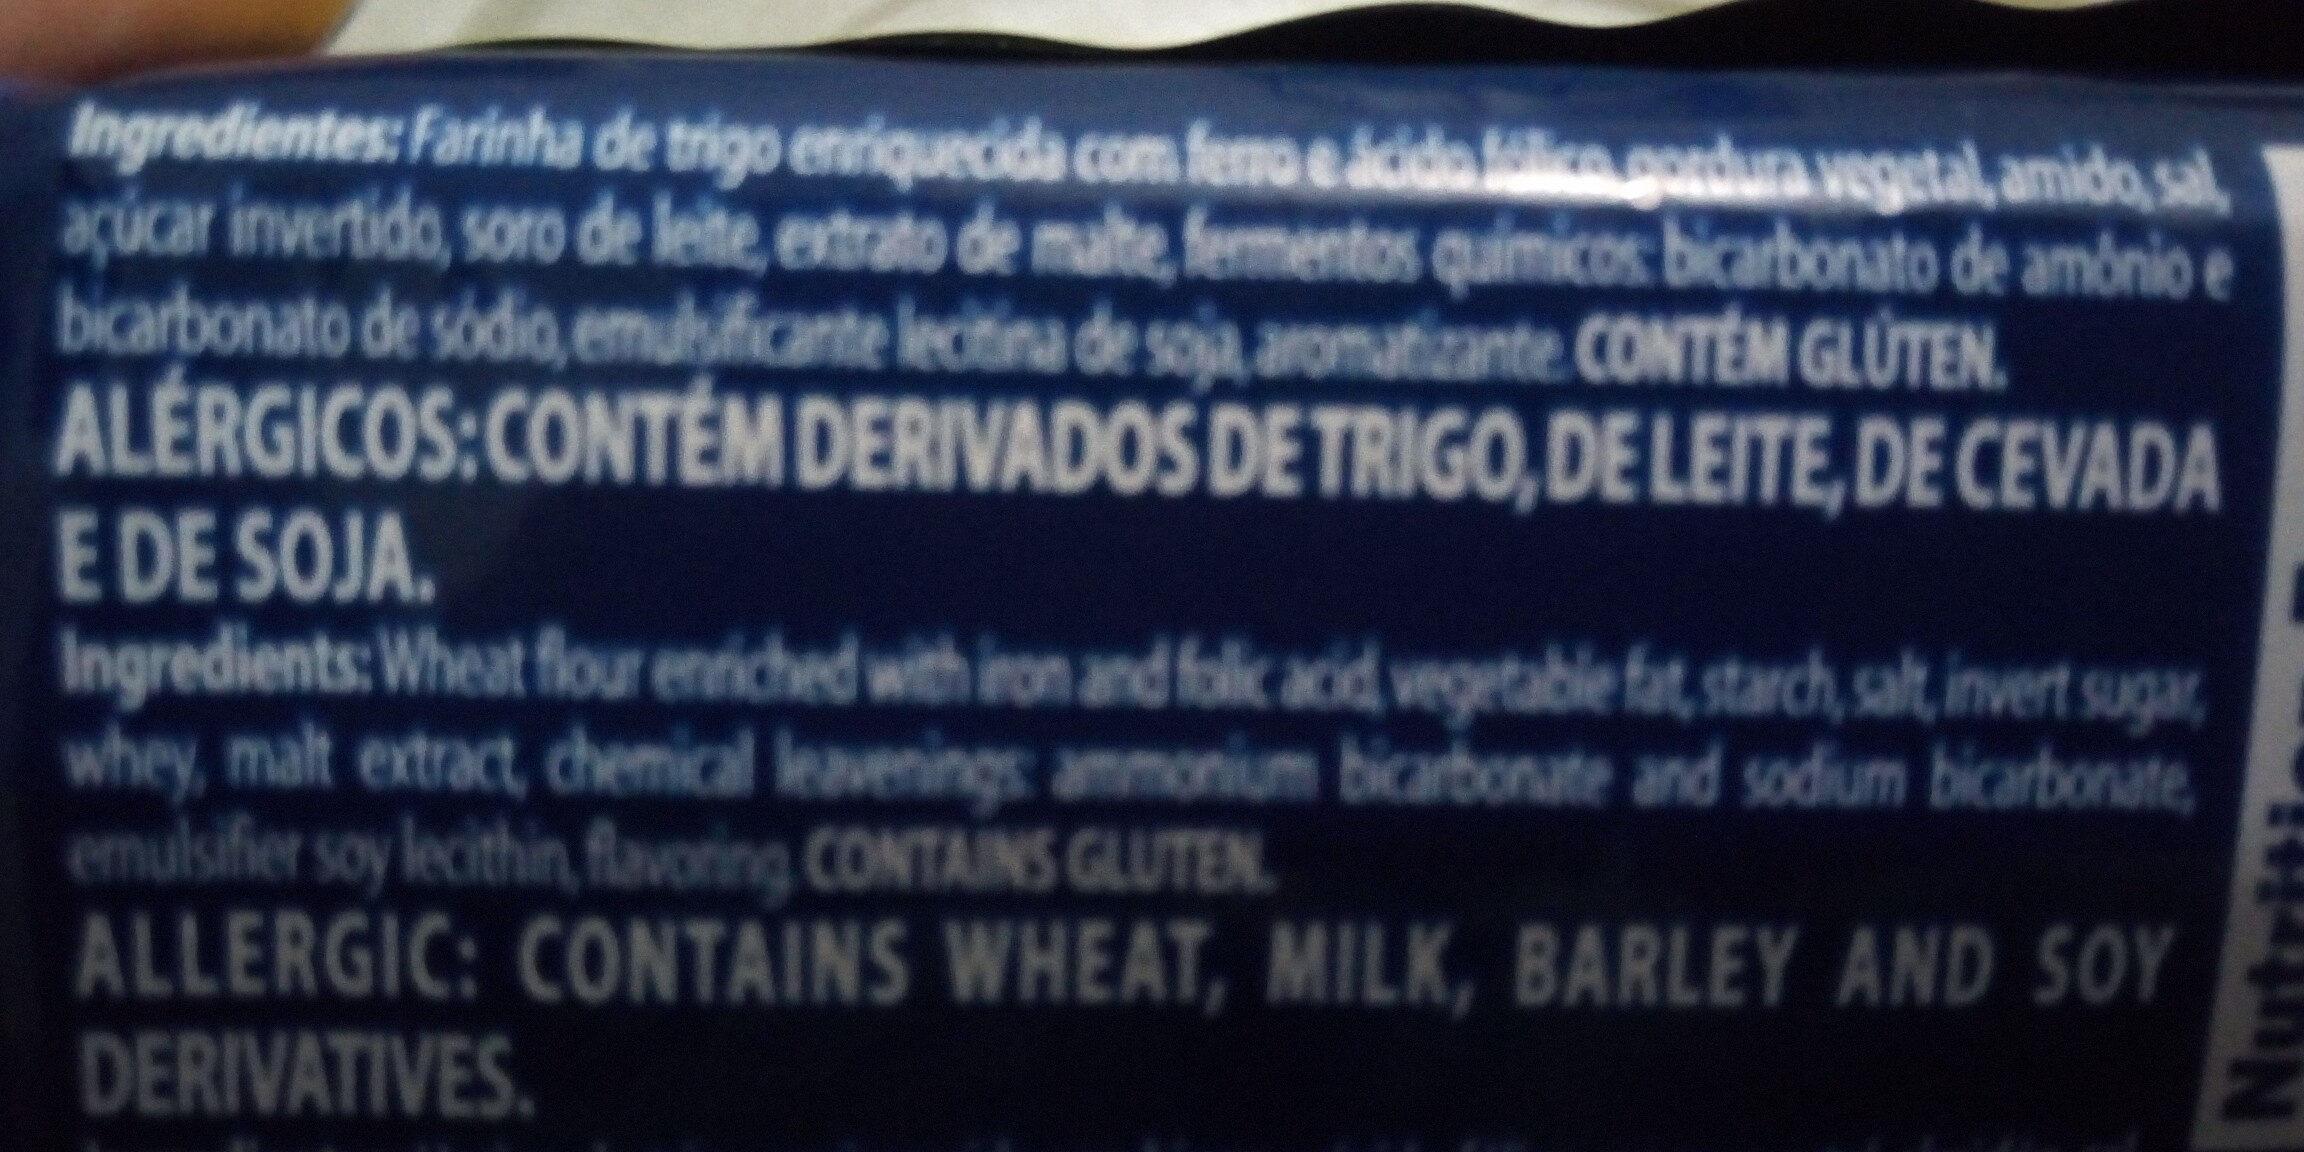 cream cracker - Ingredientes - pt